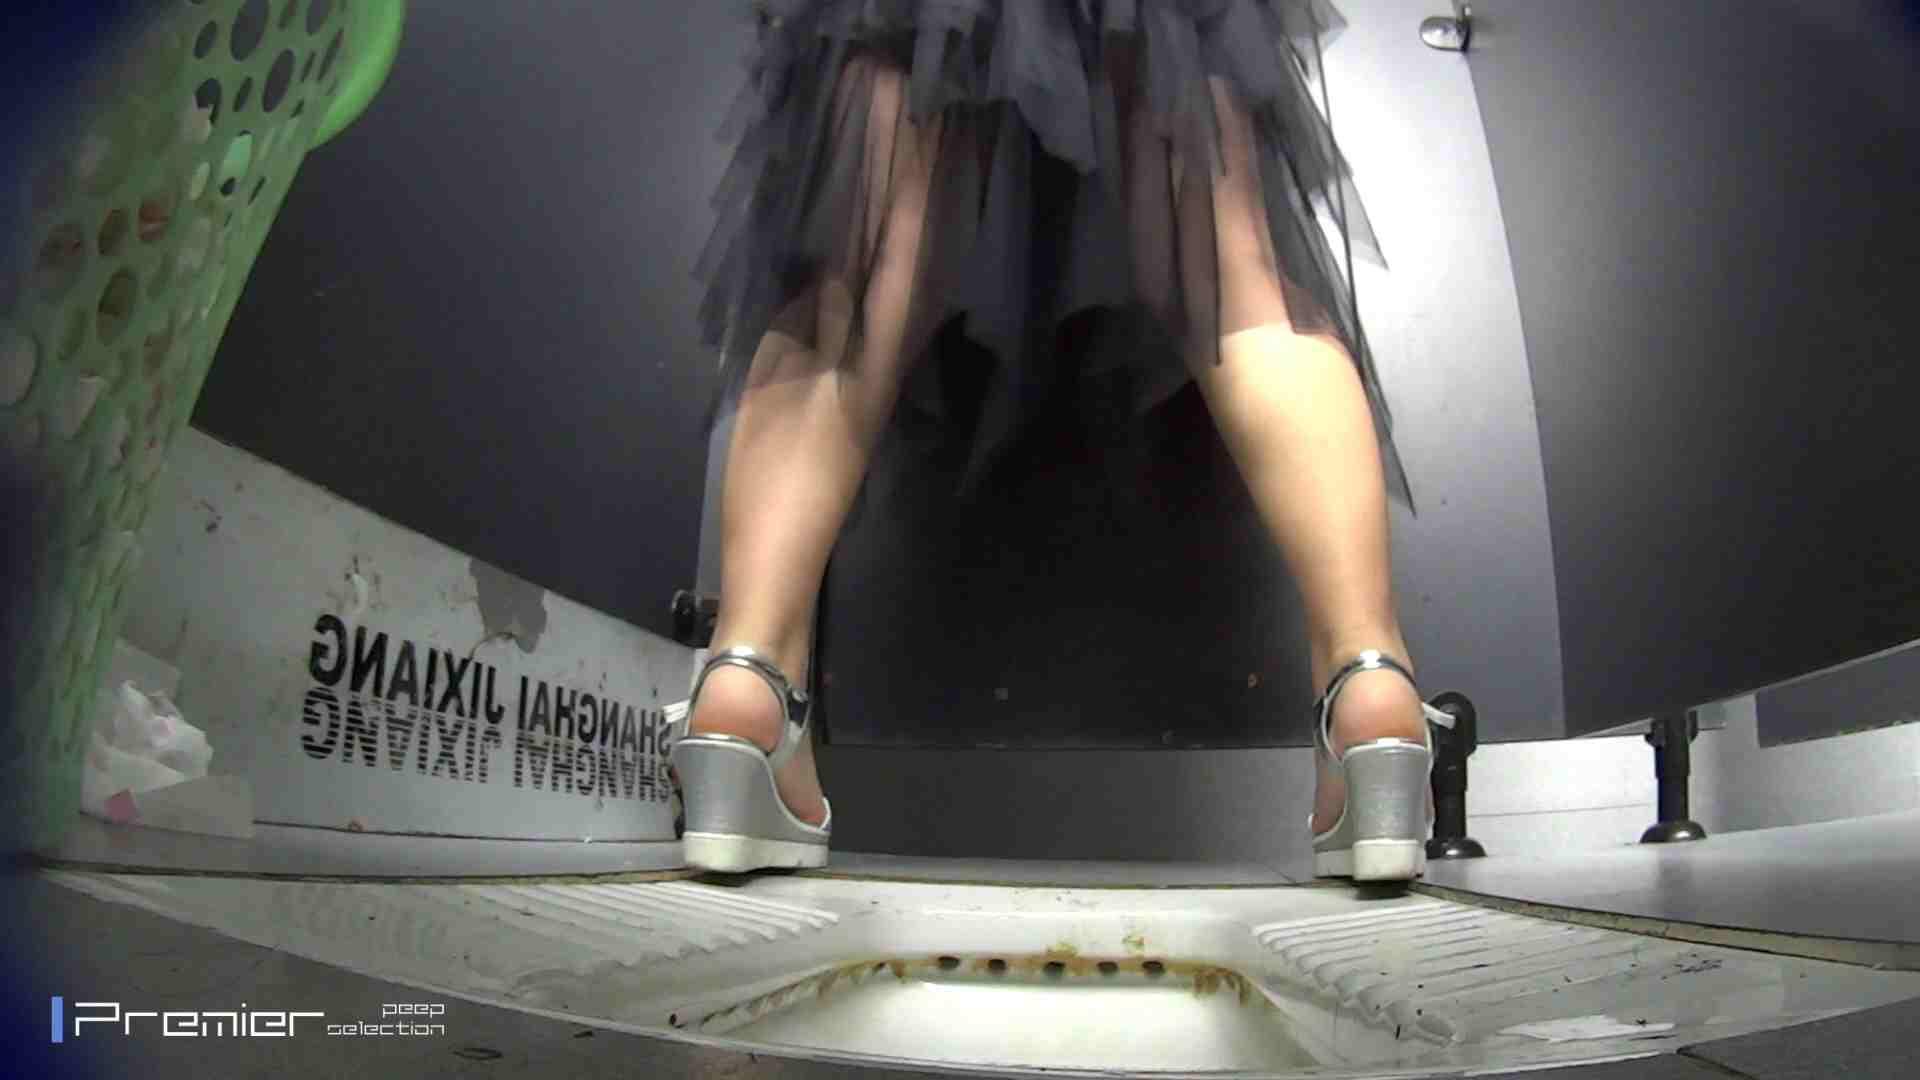 滴り落ちる聖水 大学休憩時間の洗面所事情42 美女ハメ撮り  98Pix 97